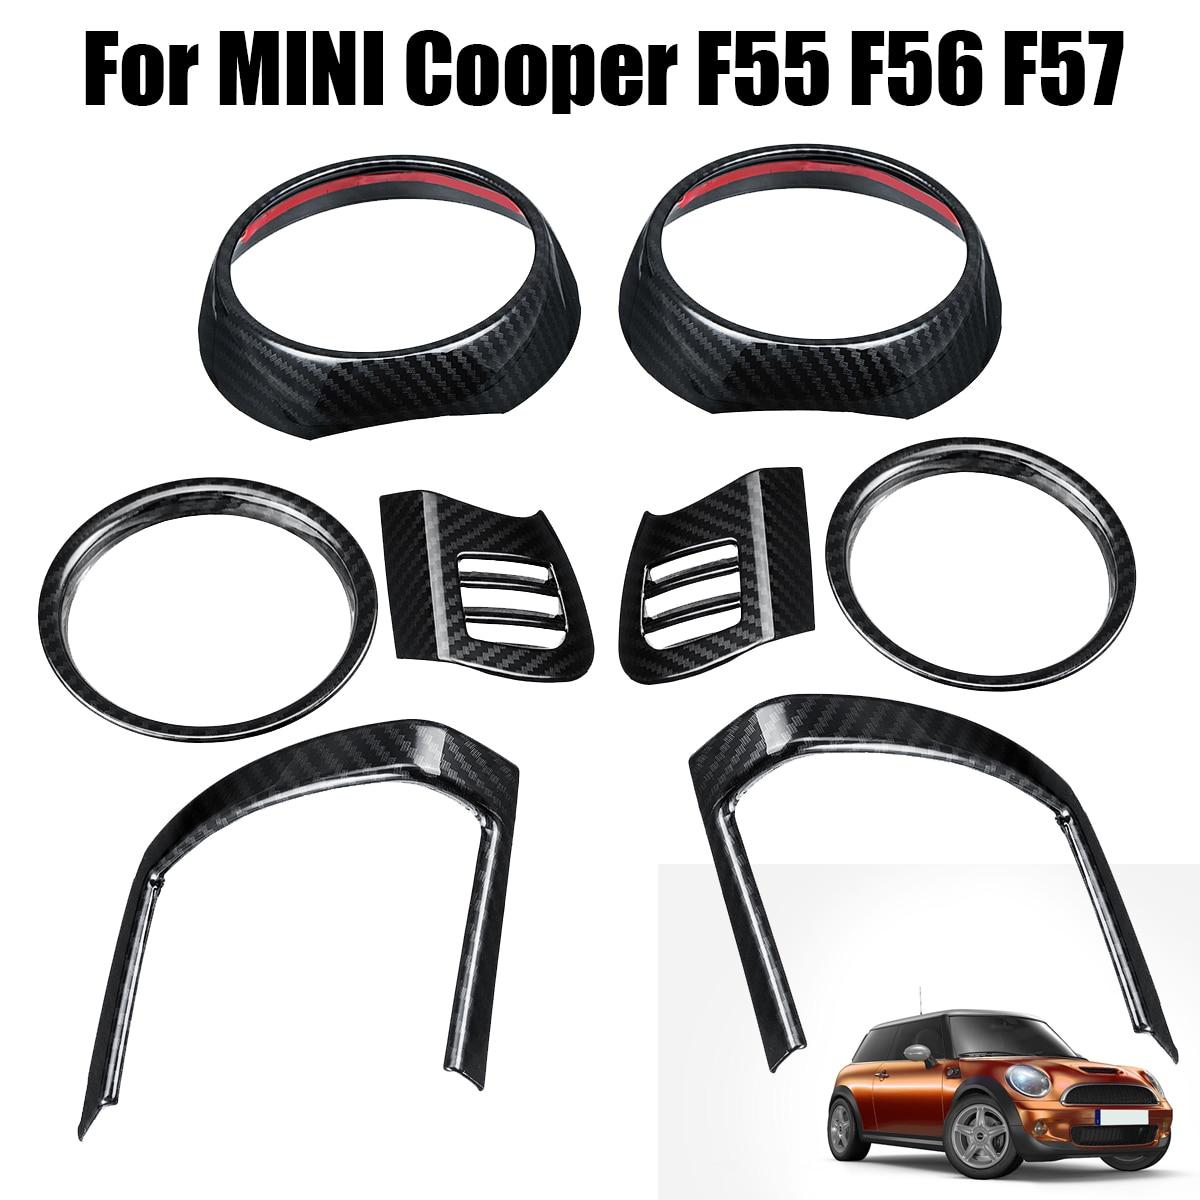 8 pièces tableau de bord évent couverture pour BMW pour MINI pour Cooper F55 F56 F57 fibre de carbone intérieur moulures Auto sortie d'air garnitures autocollants